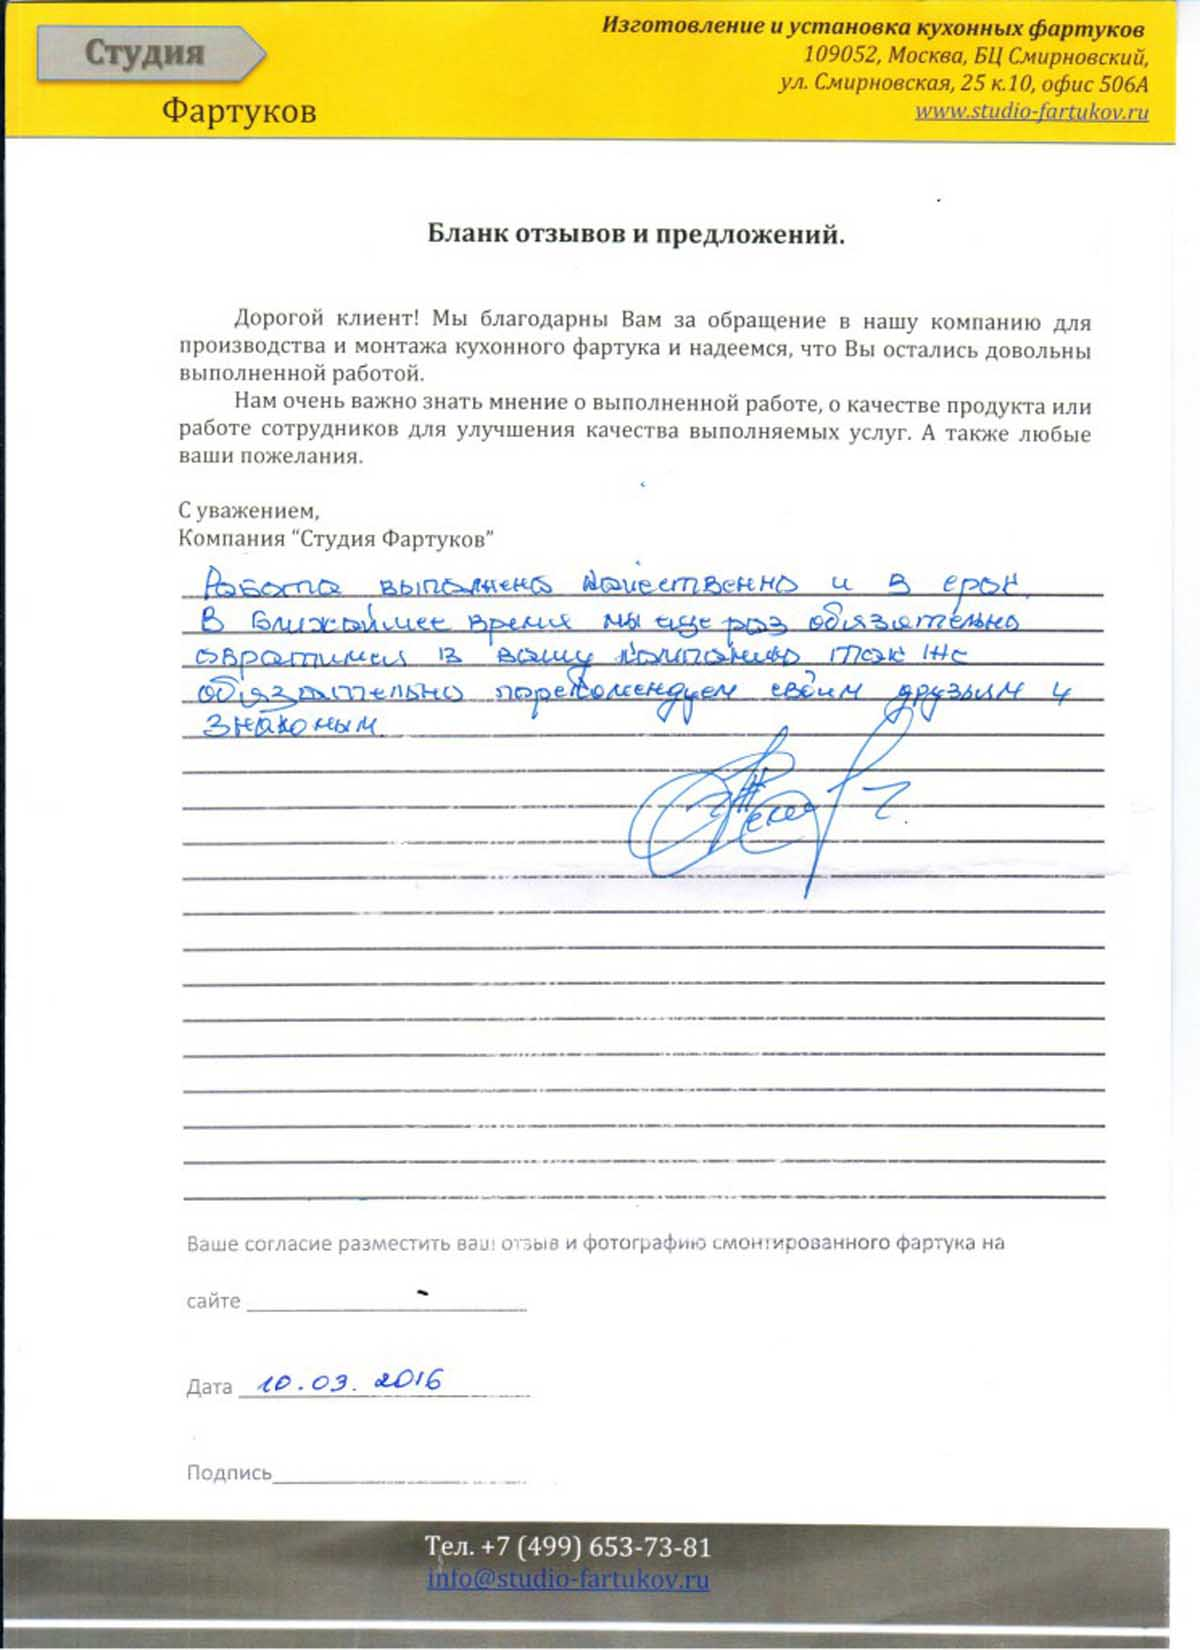 Отзыв Немолякина Александра от 10.03.2016 по Договору №602/2016